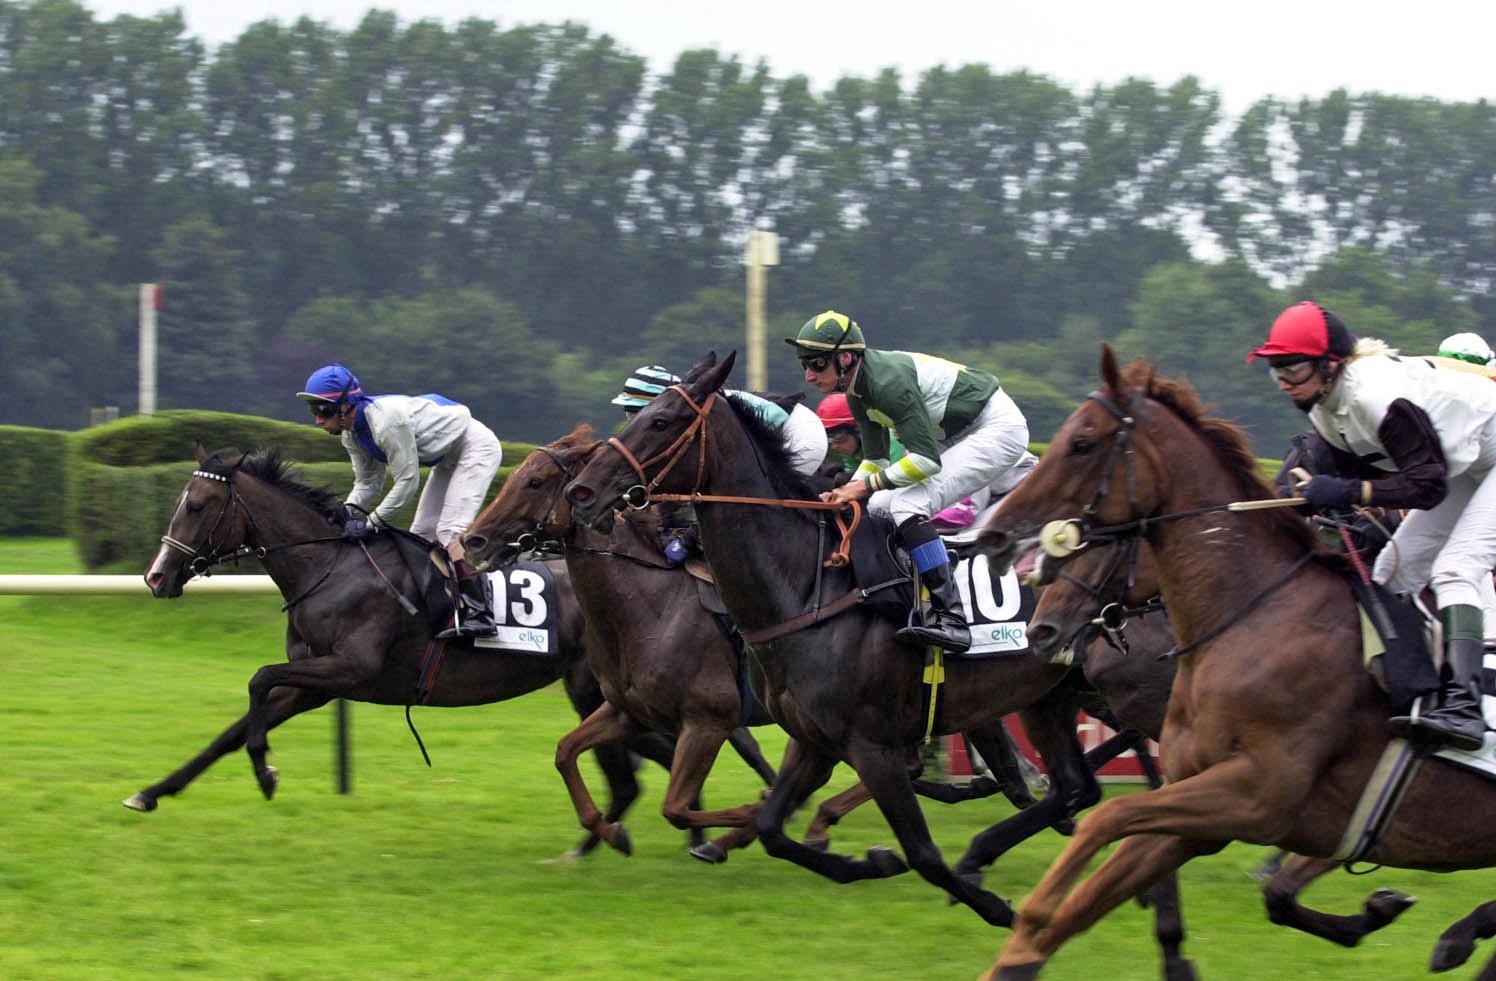 Pferderennen England